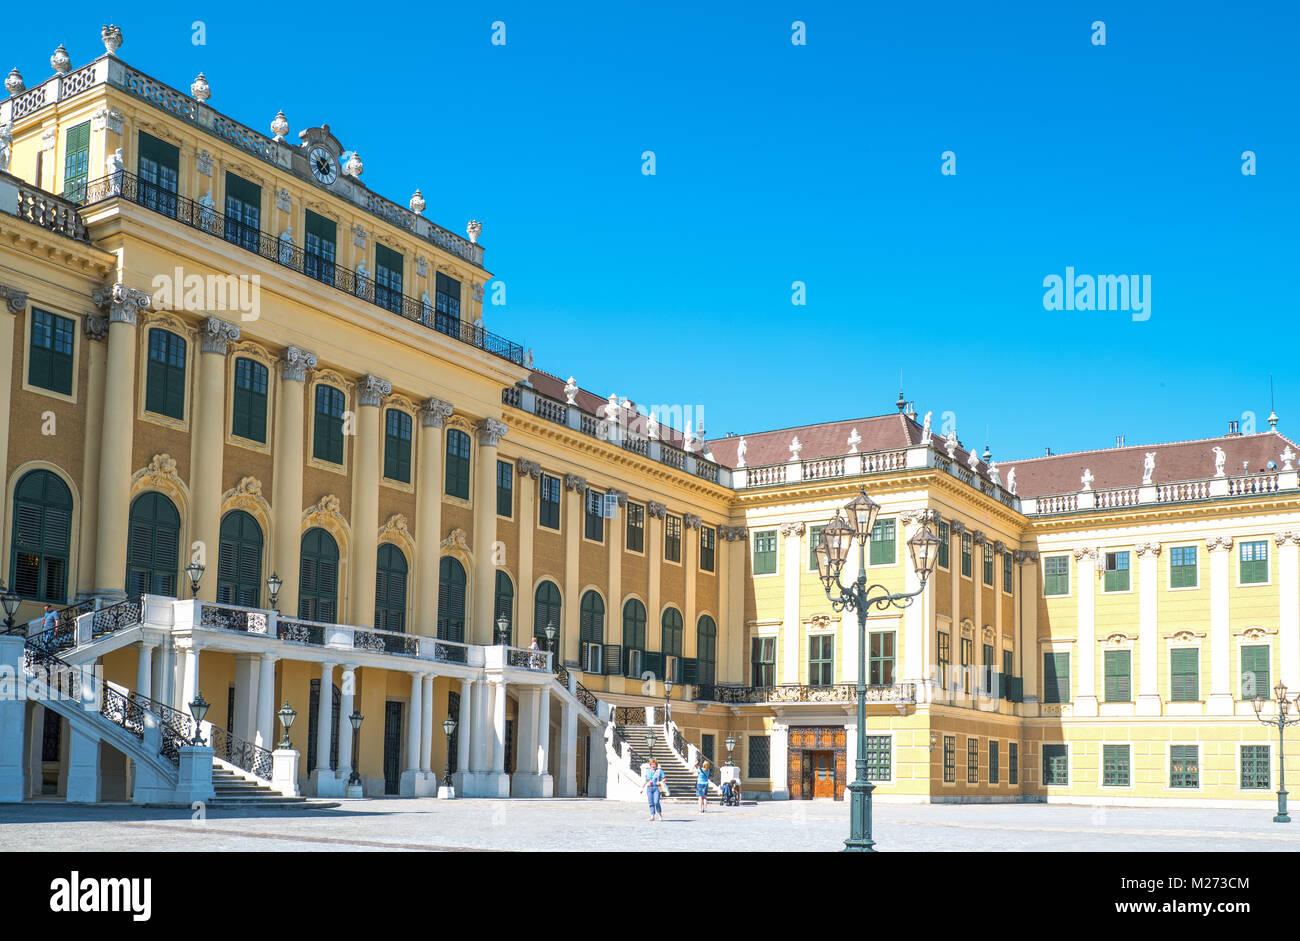 Austria, Viena, la fachada principal del palacio de Schonbrunn Imagen De Stock